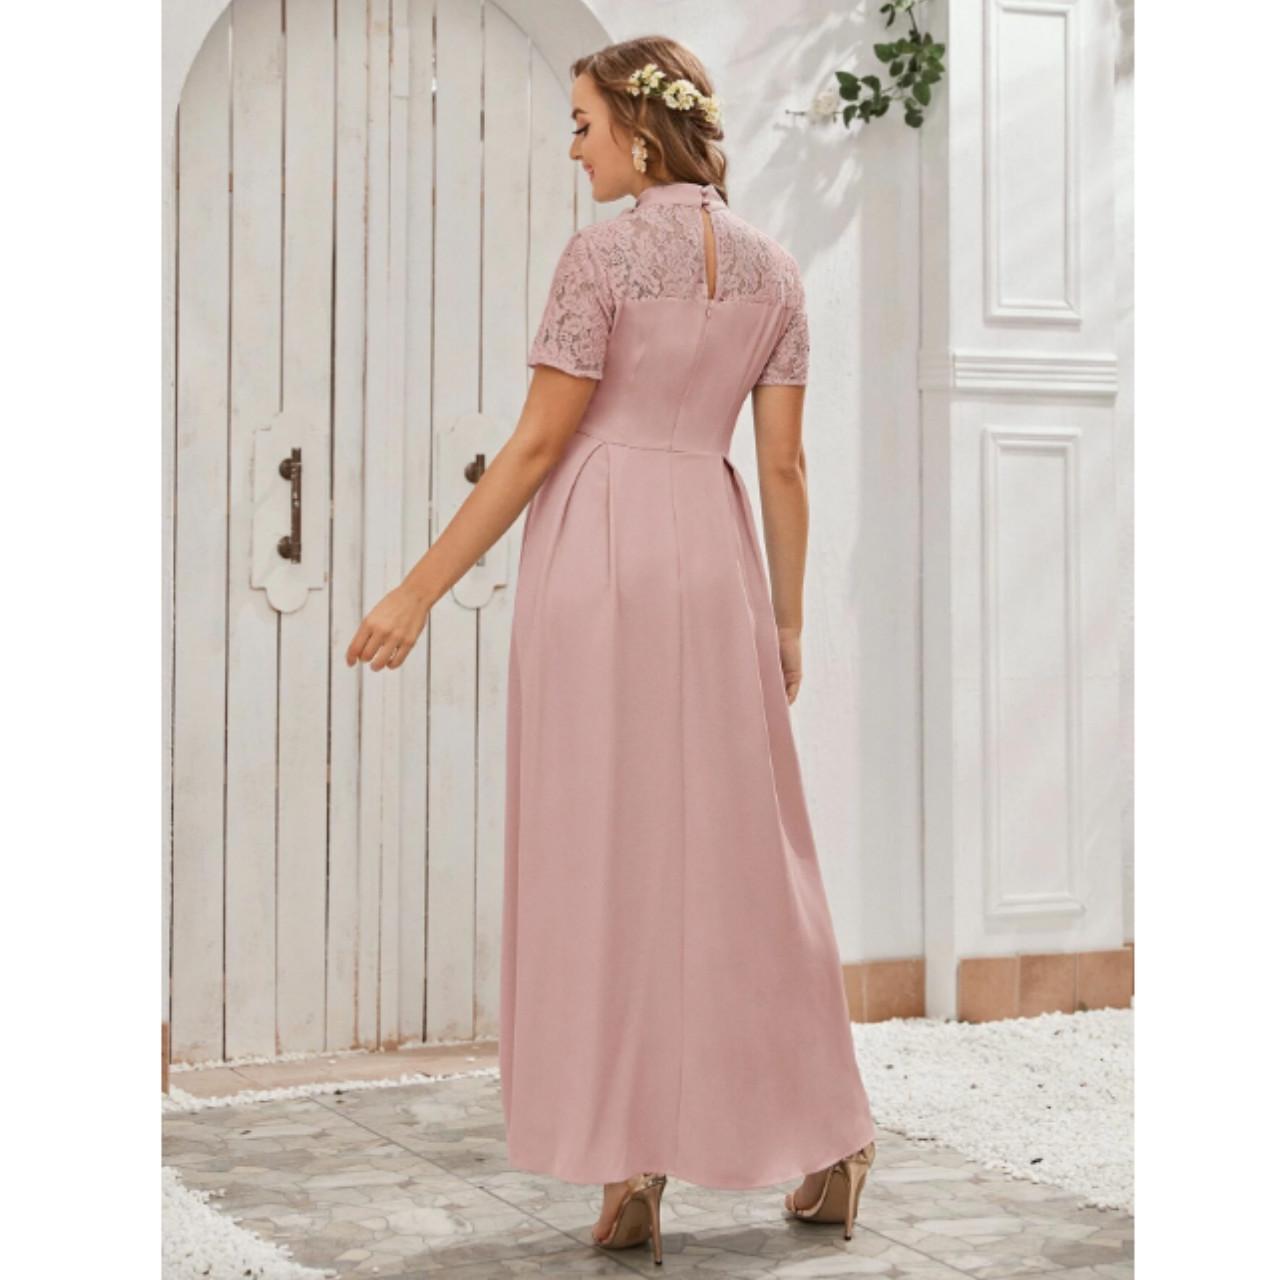 Tie neck lace yoke boxy pleated dress m